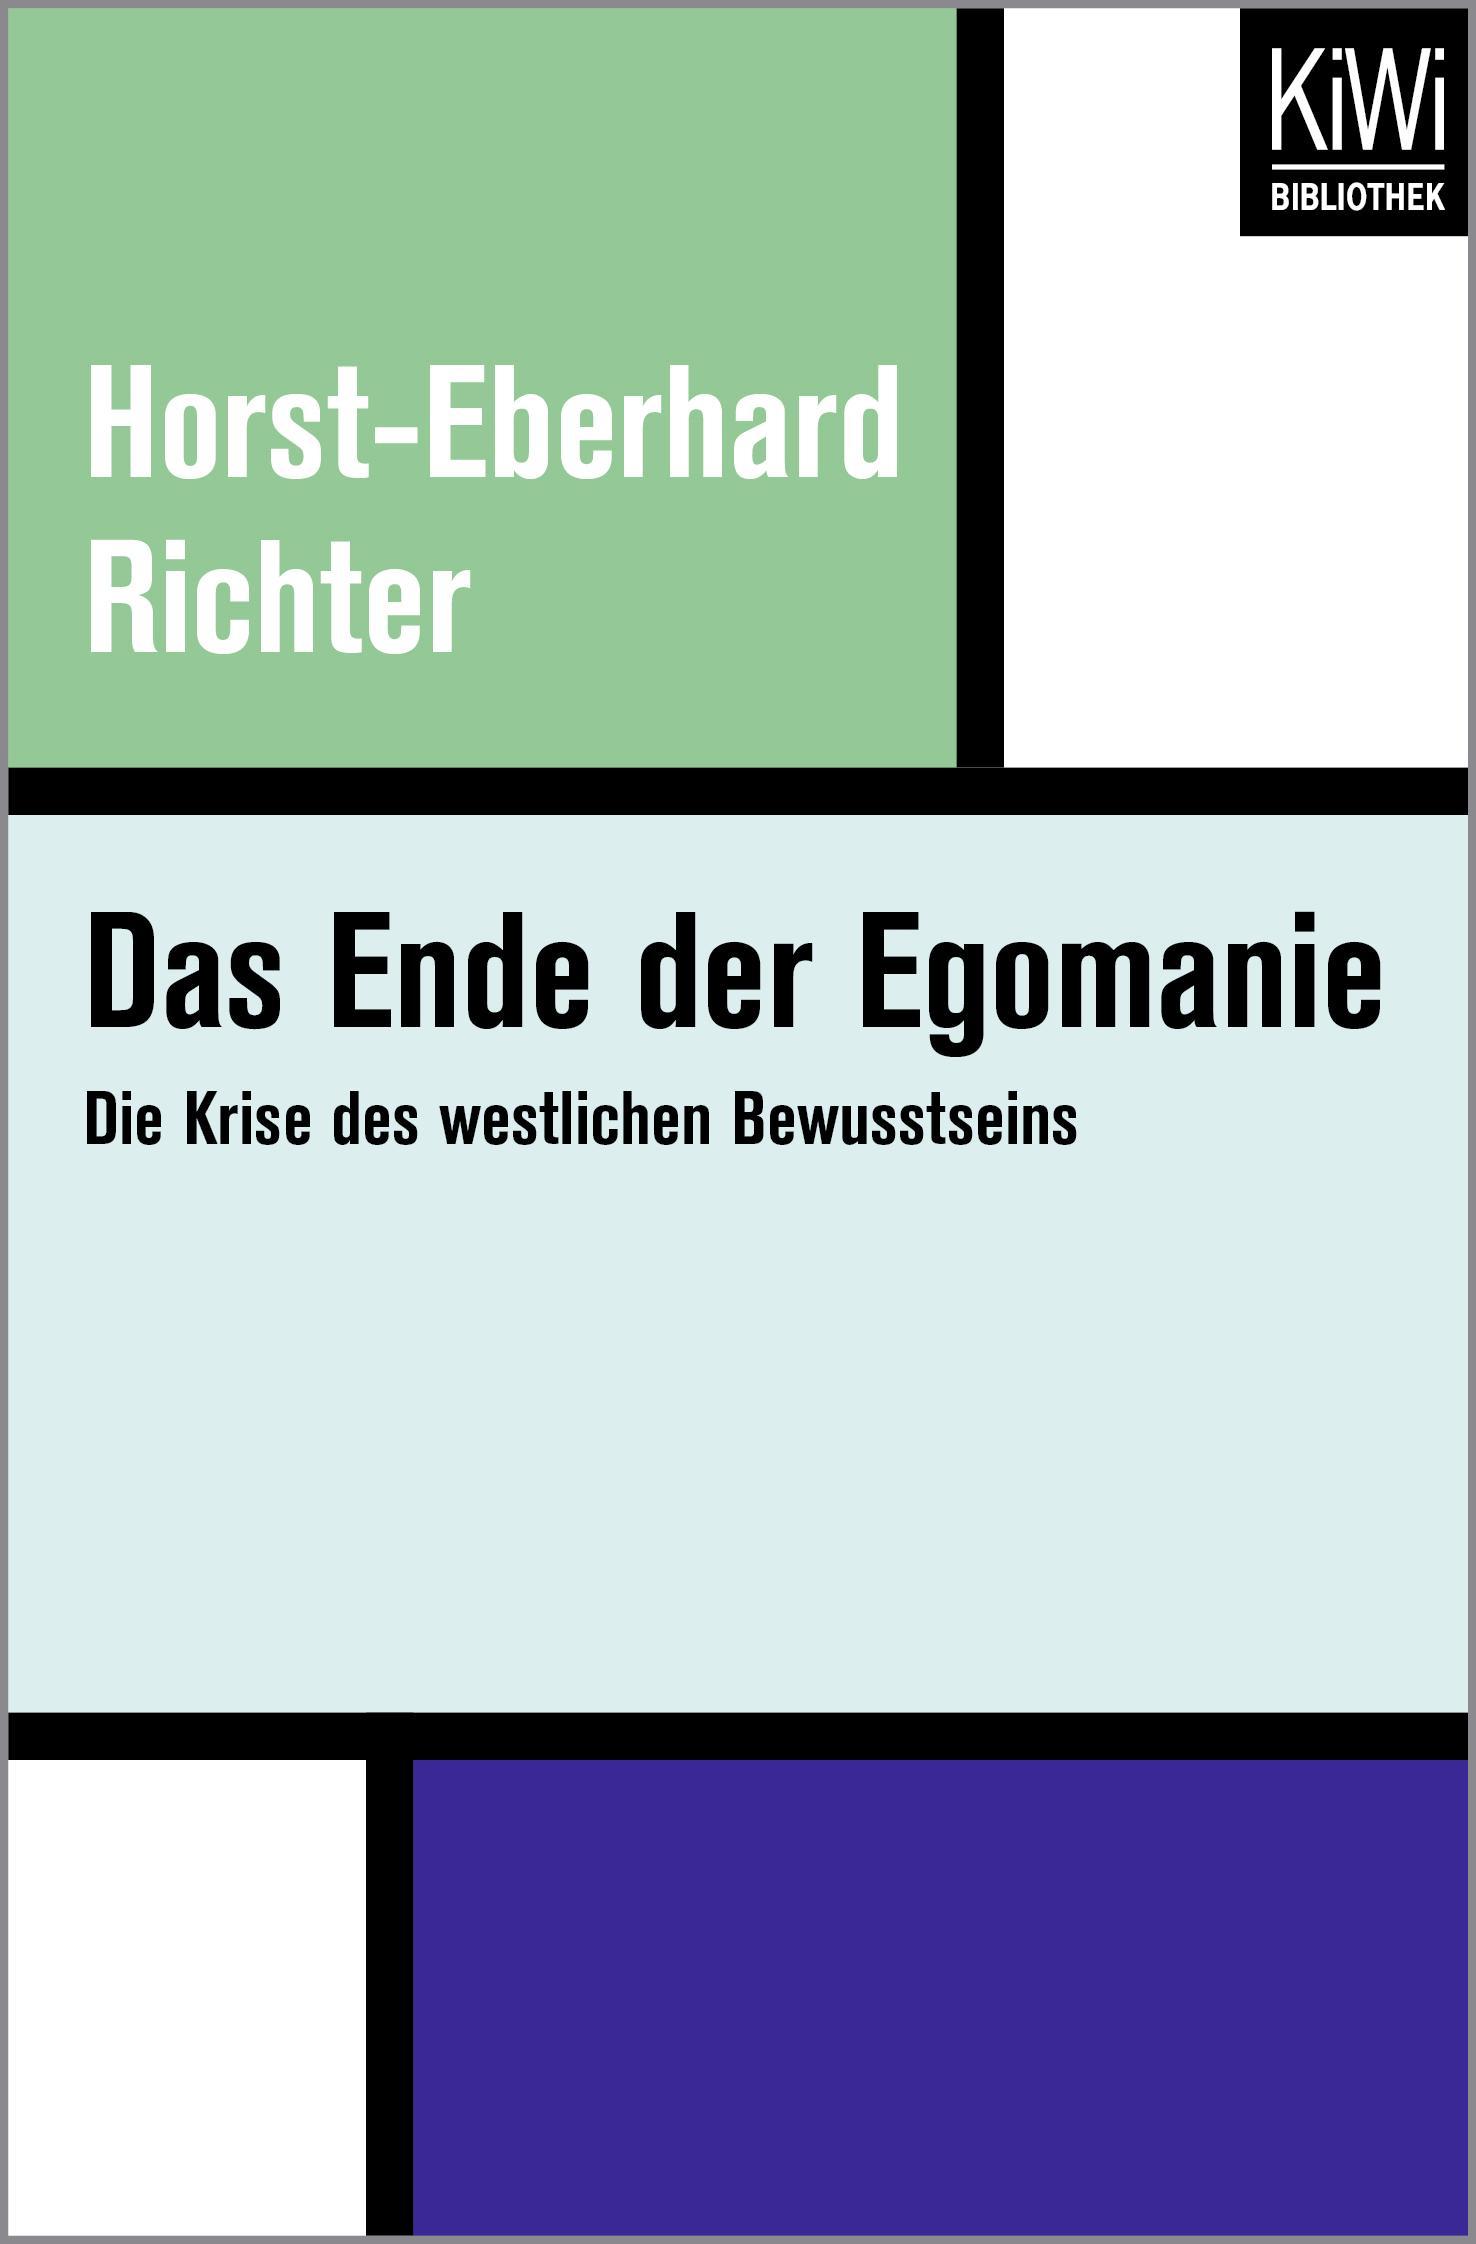 Das-Ende-der-Egomanie-Horst-Eberhard-Richter